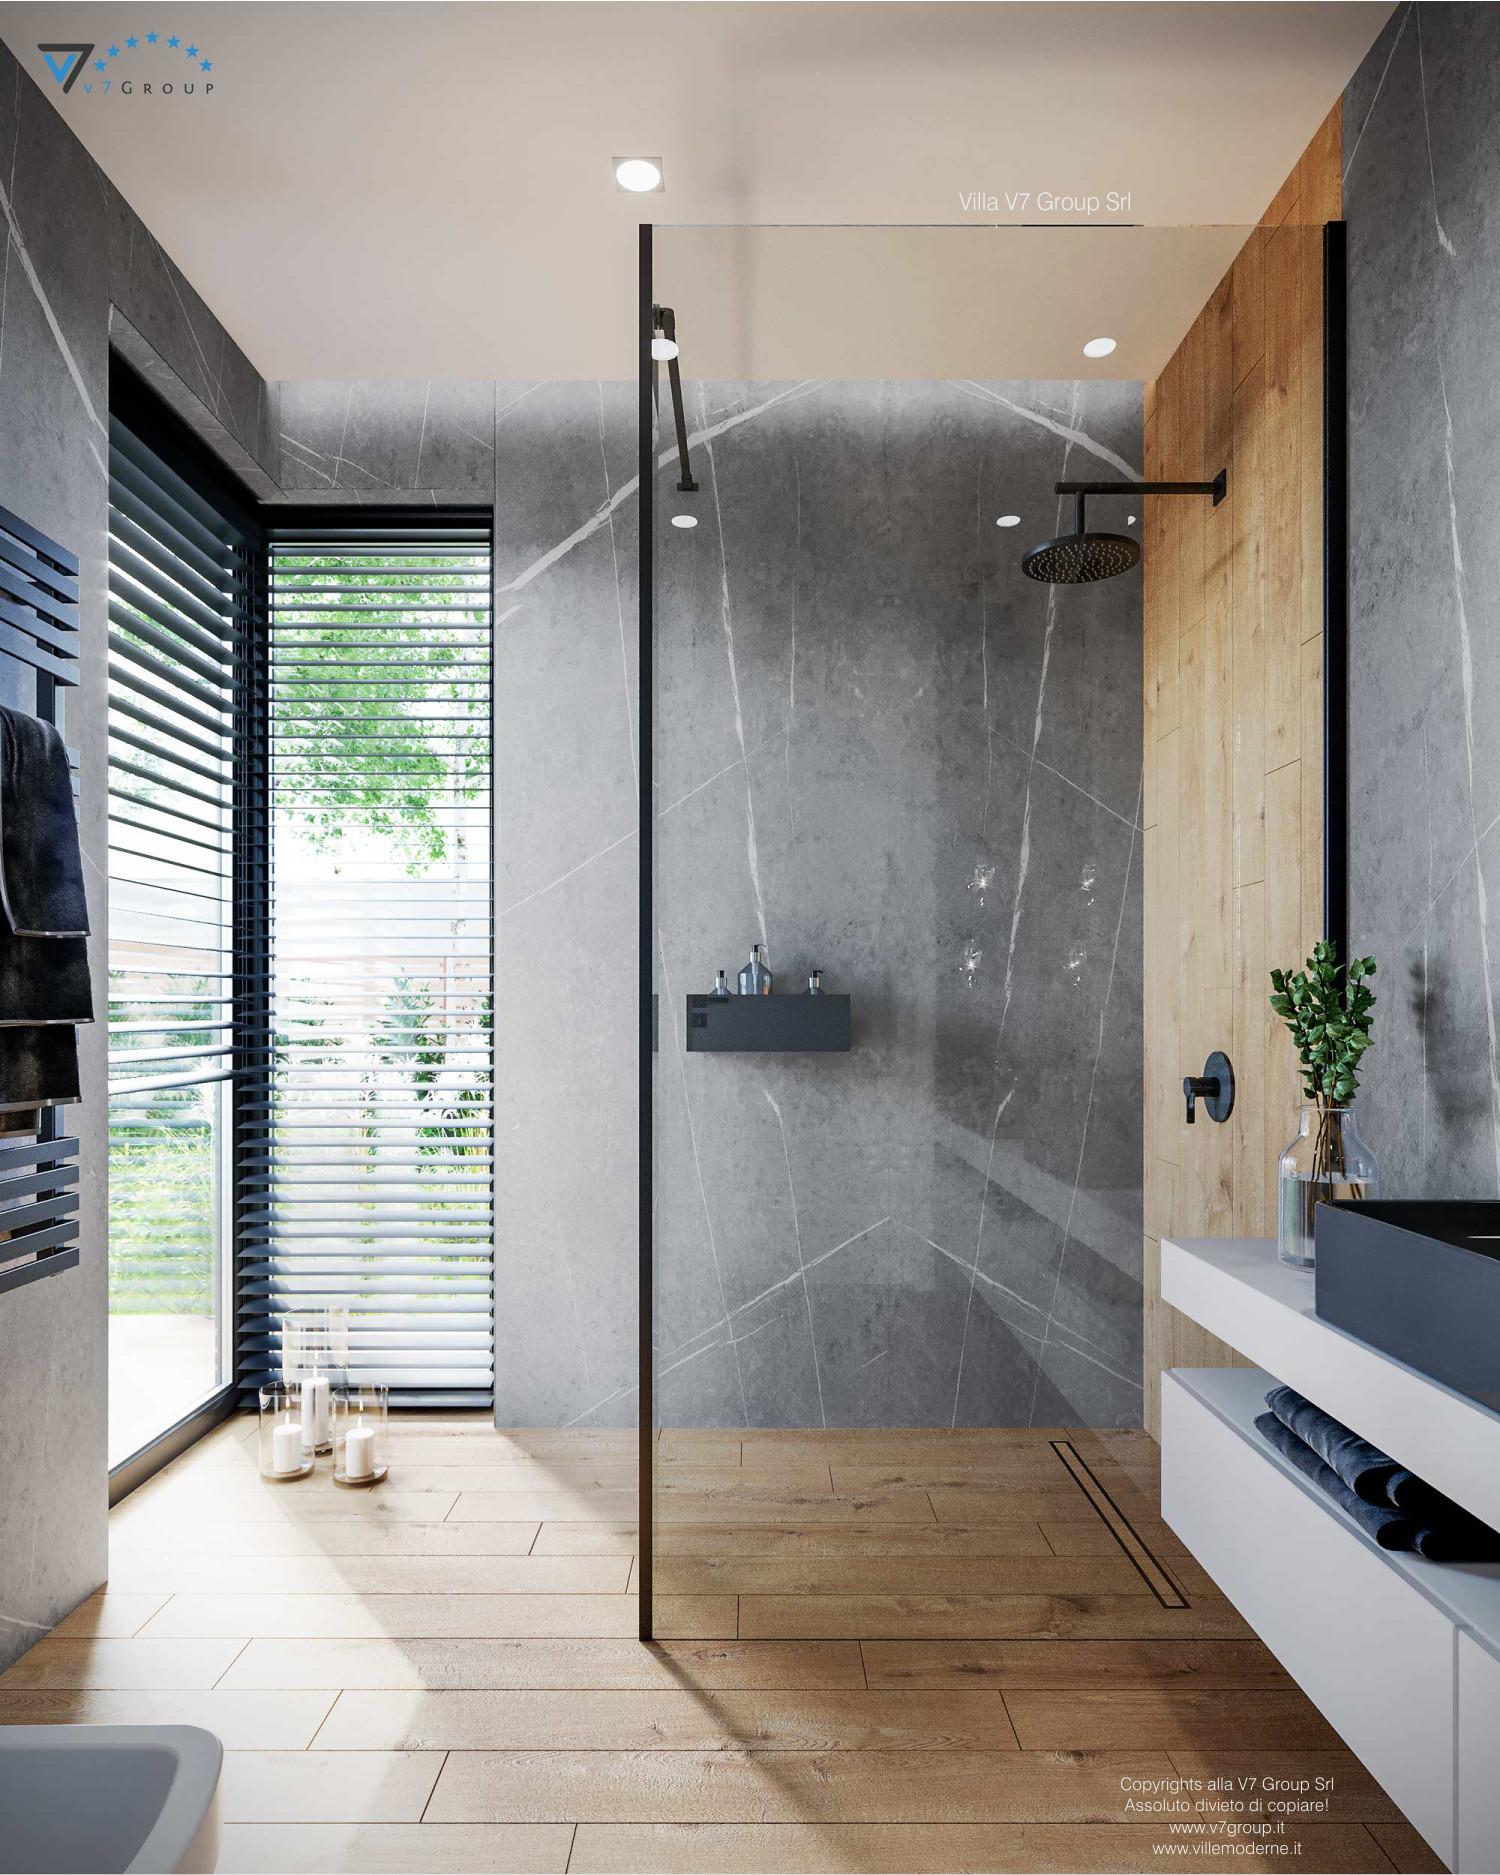 Immagine Villa V70 - interno 14 - la doccia nel bagno